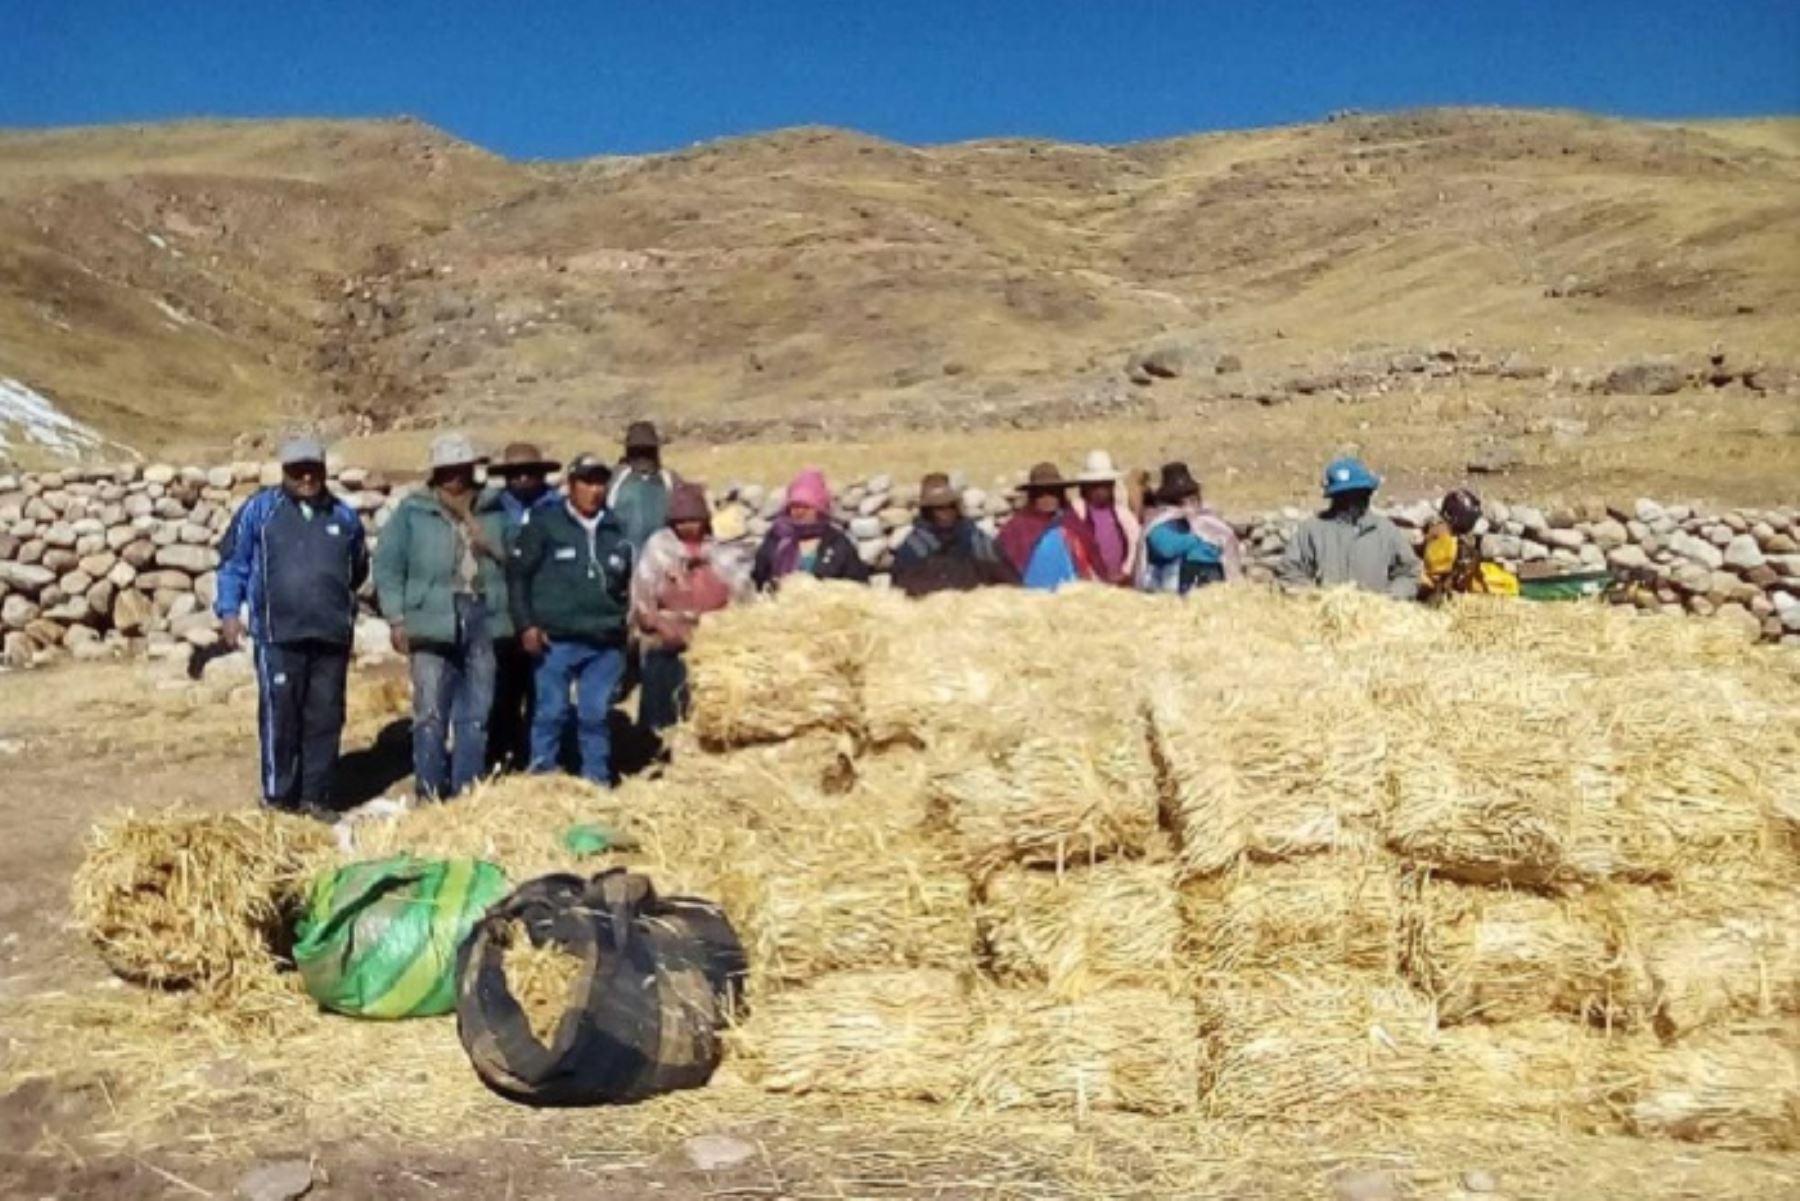 Durante los meses de abril a junio, el Minagri ejecutó al 100% el Plan Multisectorial de Heladas y Friaje 2018, con los que se entregaron más de 7,000 kits veterinarios y otras herramientas necesarias para que los pobladores puedan afrontar esta dura época de heladas.